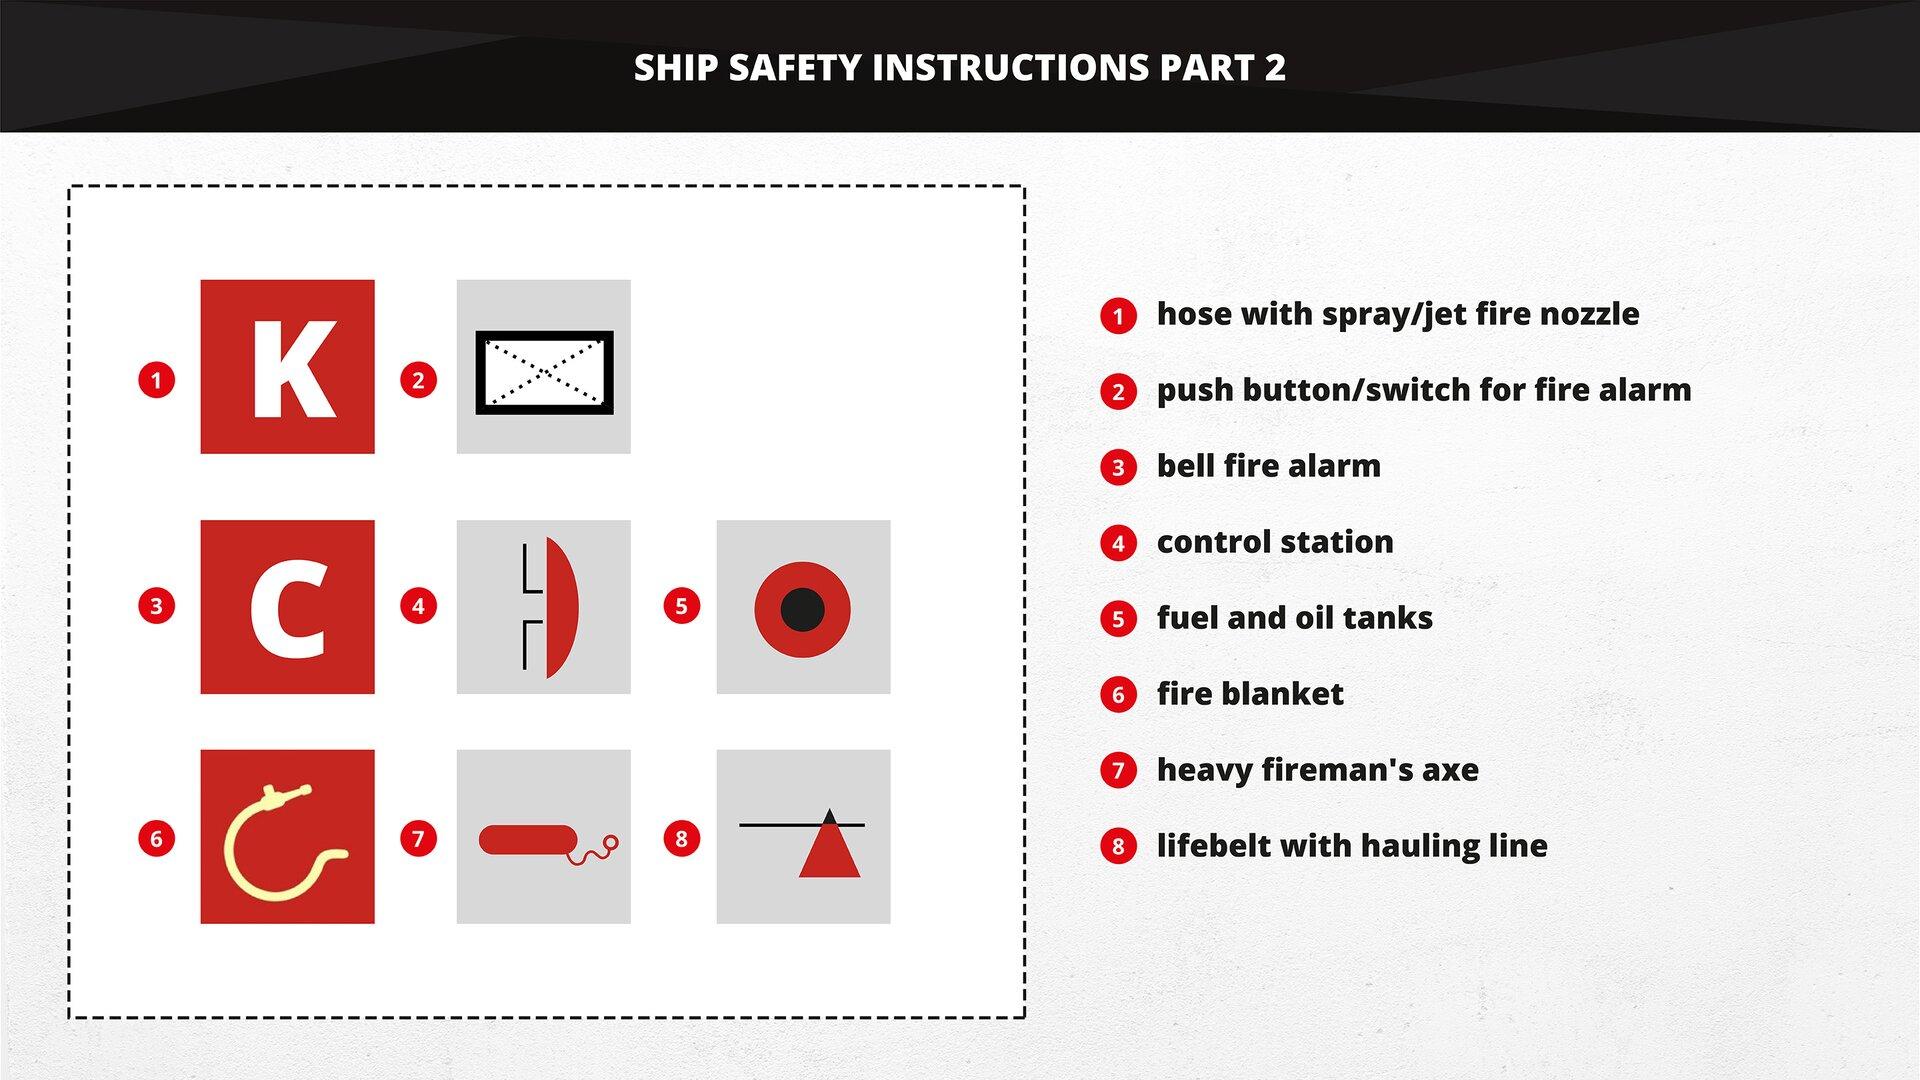 The picture shows apart of aship's safety instructions. Grafika przestawia fragment instrukcji bezpieczeństwa statku.